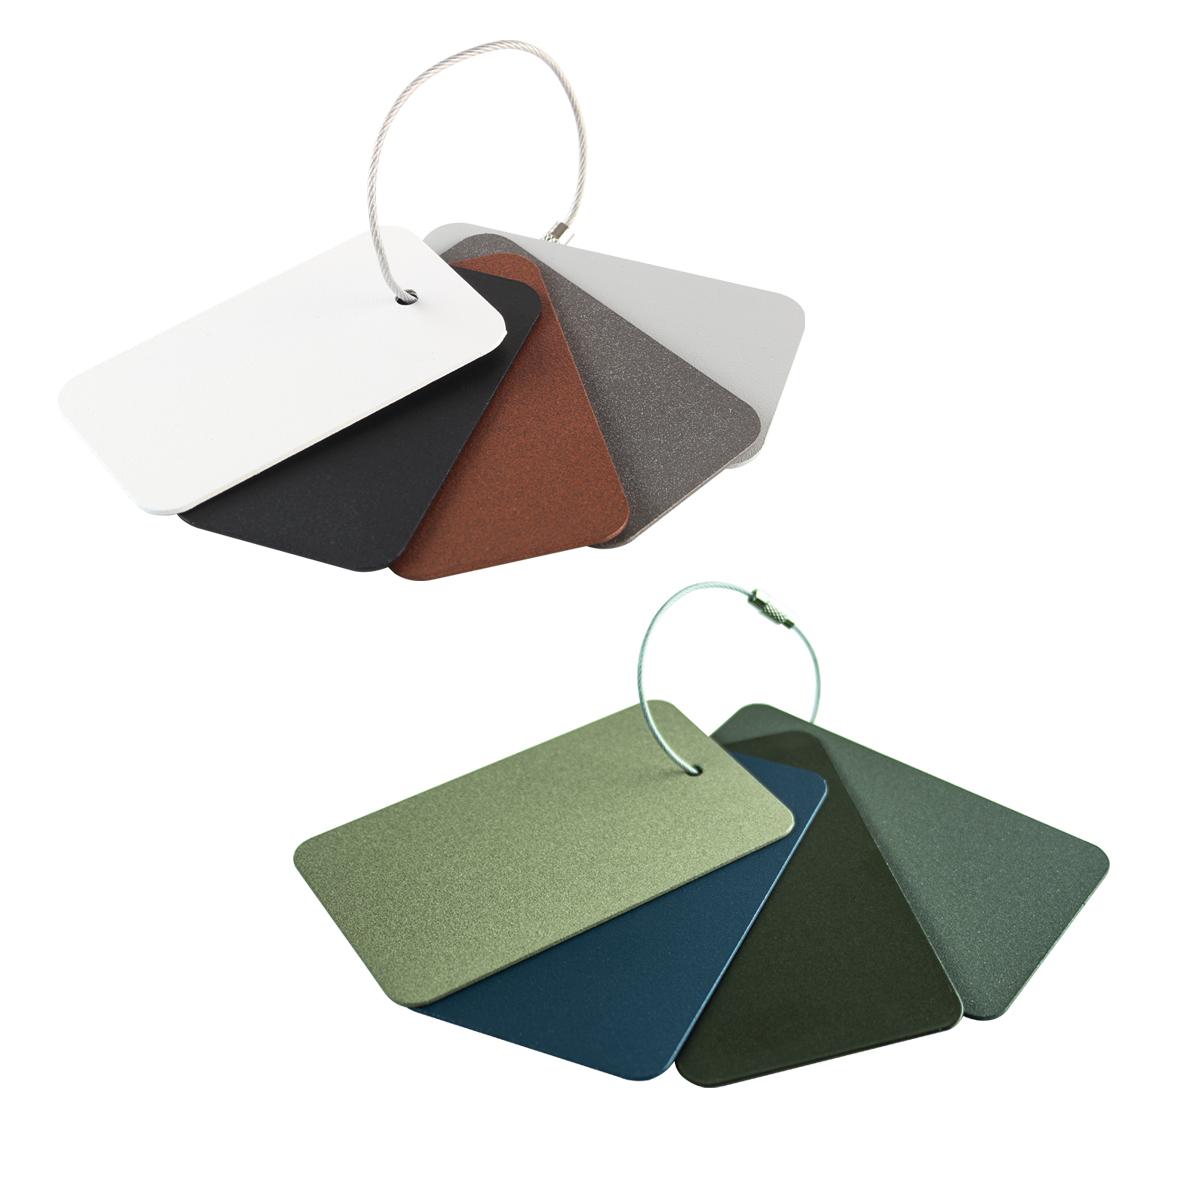 Standard color samples